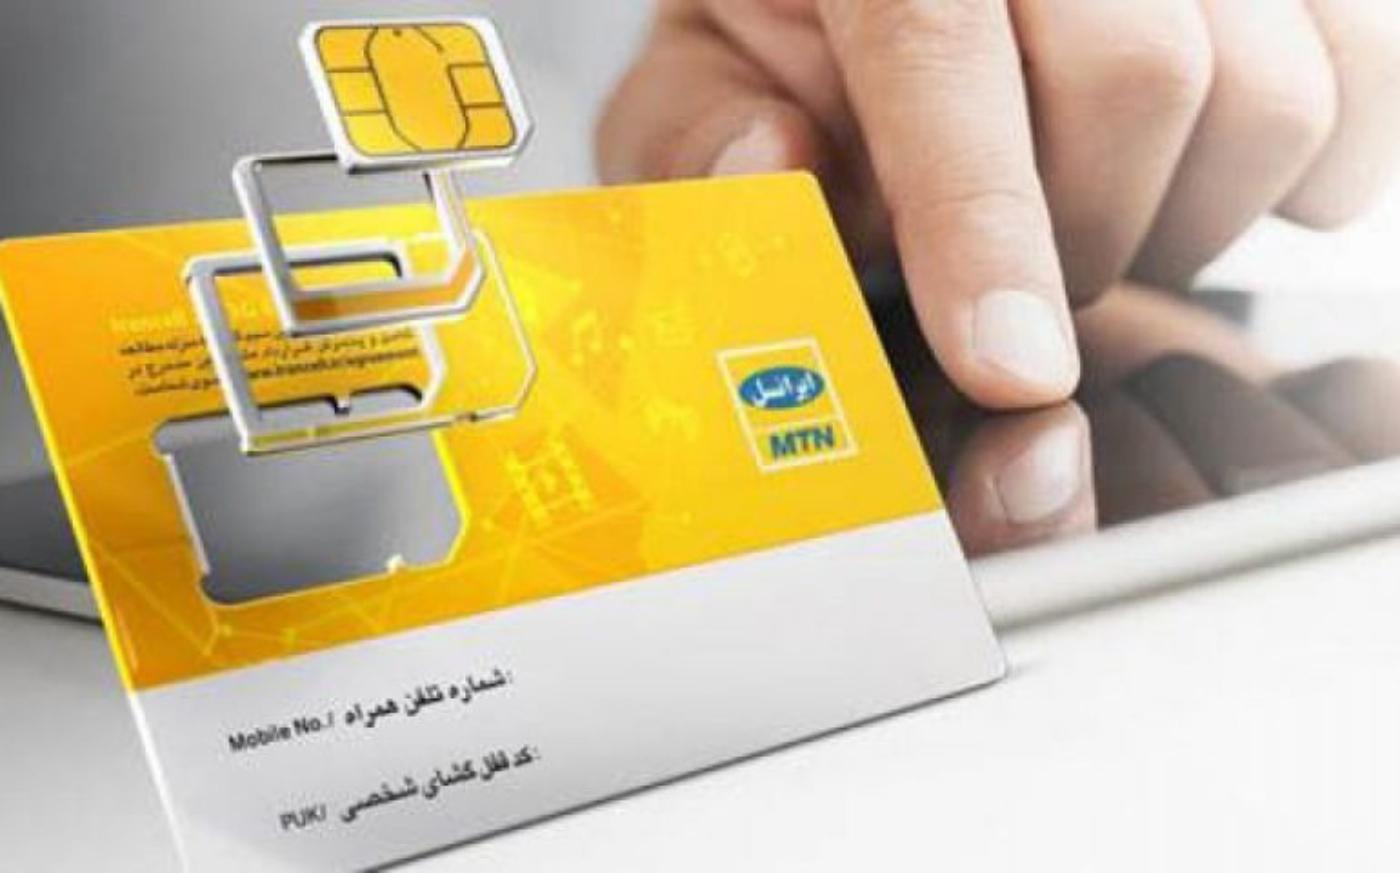 راهنمای خرید سیم کارت دائمی و اعتباری ایرانسل اینترنتی و آنلاین